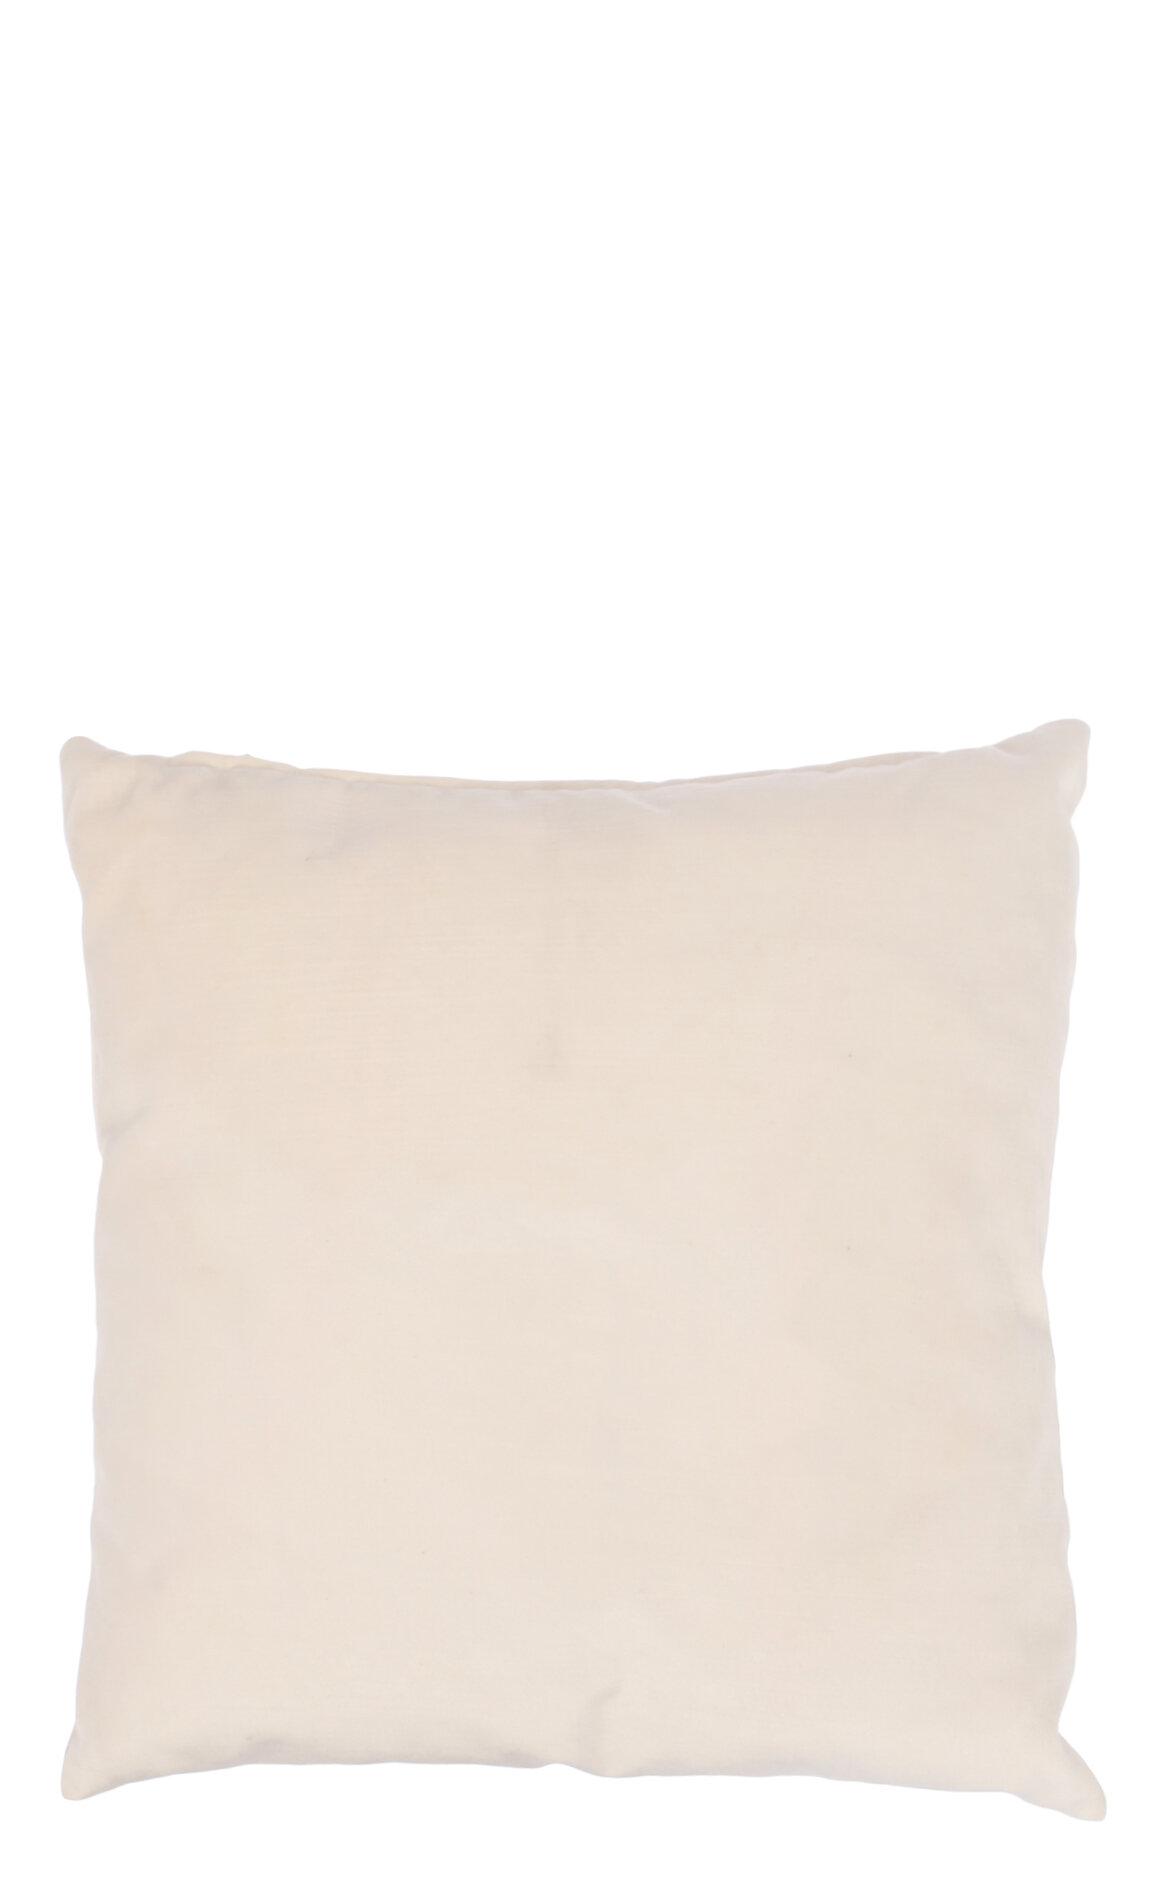 Laura Ashley-Laura Ashley Ashino Dove Grey Uph 35X35 cm Dekoratif Yastık